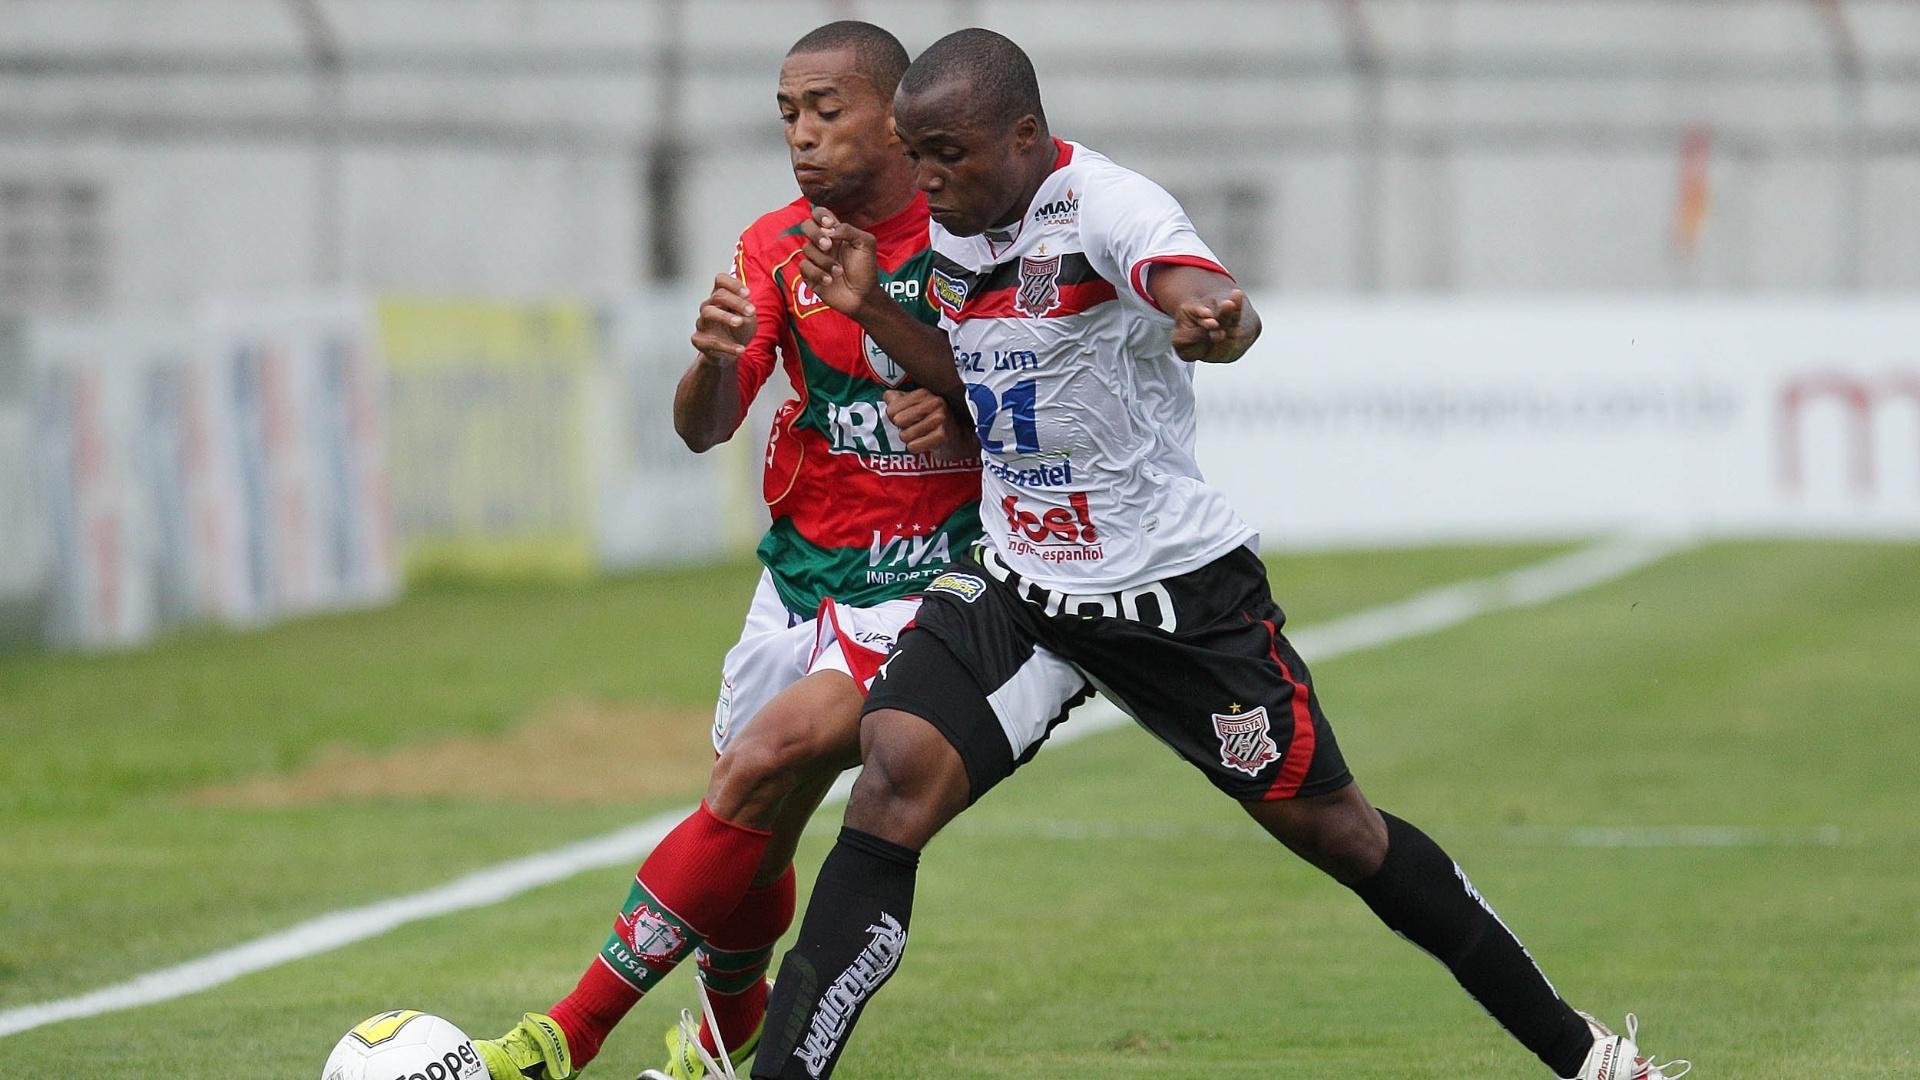 Luis Ricardo, da Portuguesa, disputa a bola com Madson, do Paulista, na primeira rodada do Campeonato Estadual